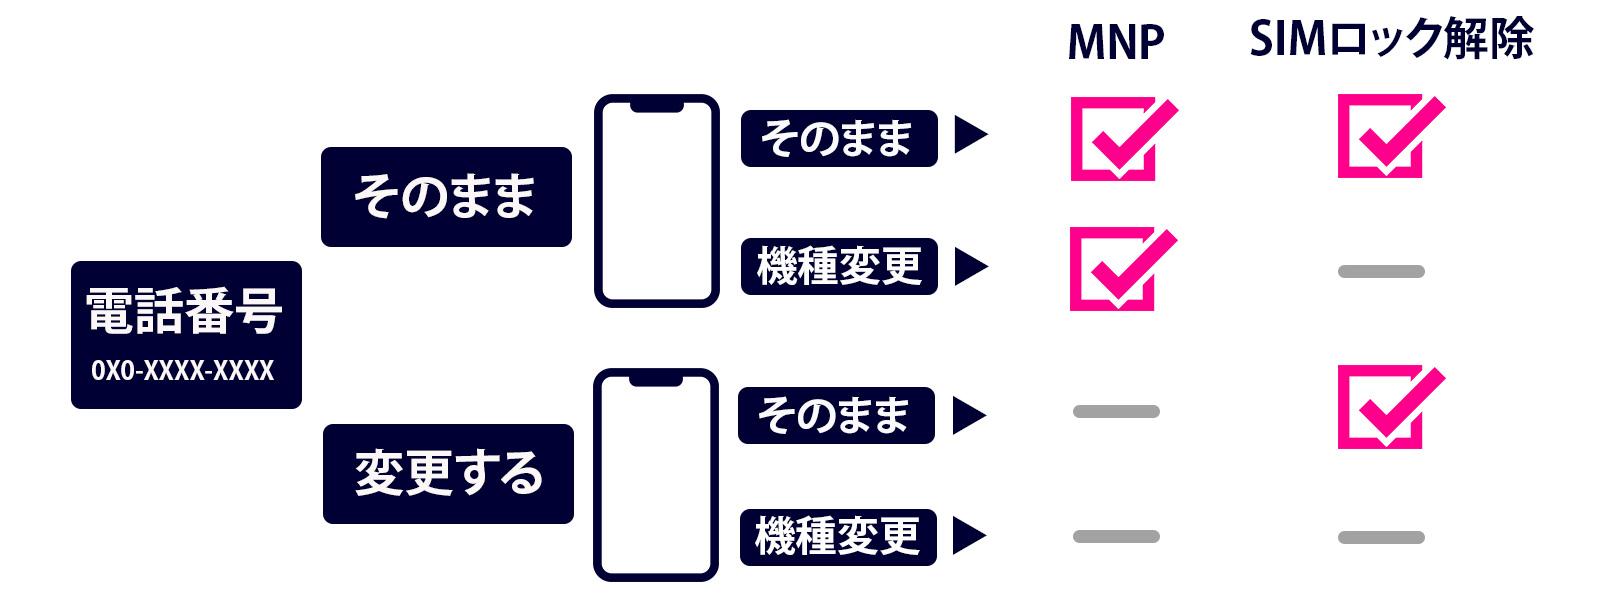 乗り換え 携帯